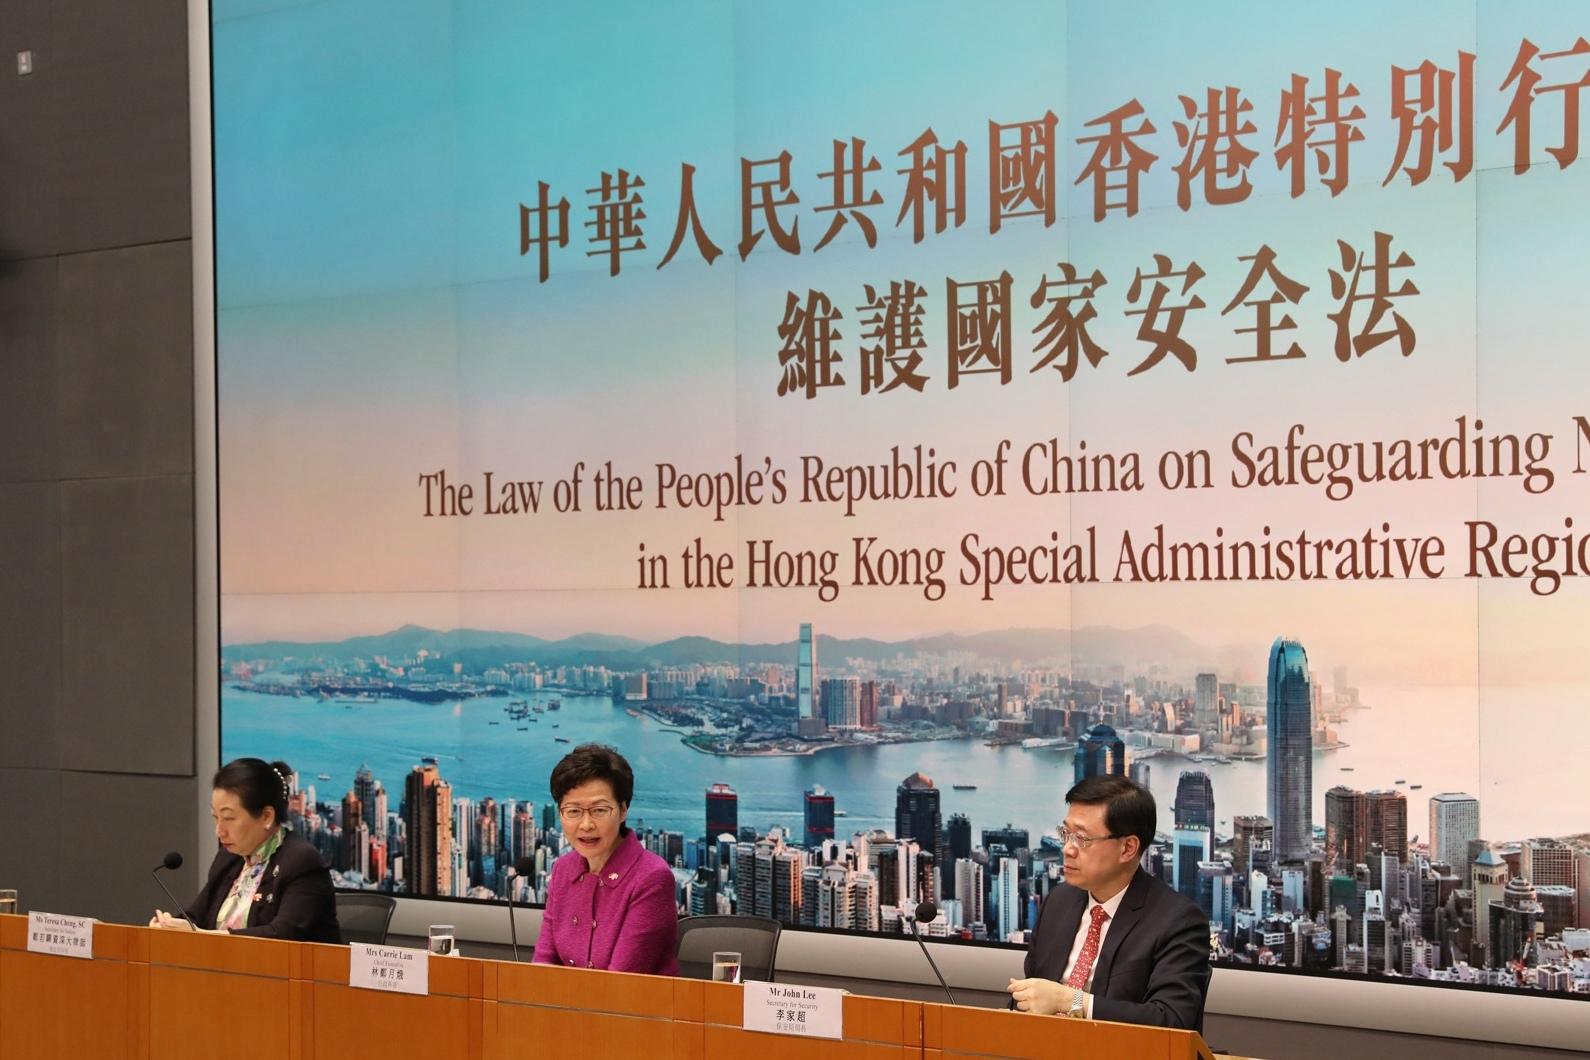 香港特區政府舉行「維護國家安全法」記者會